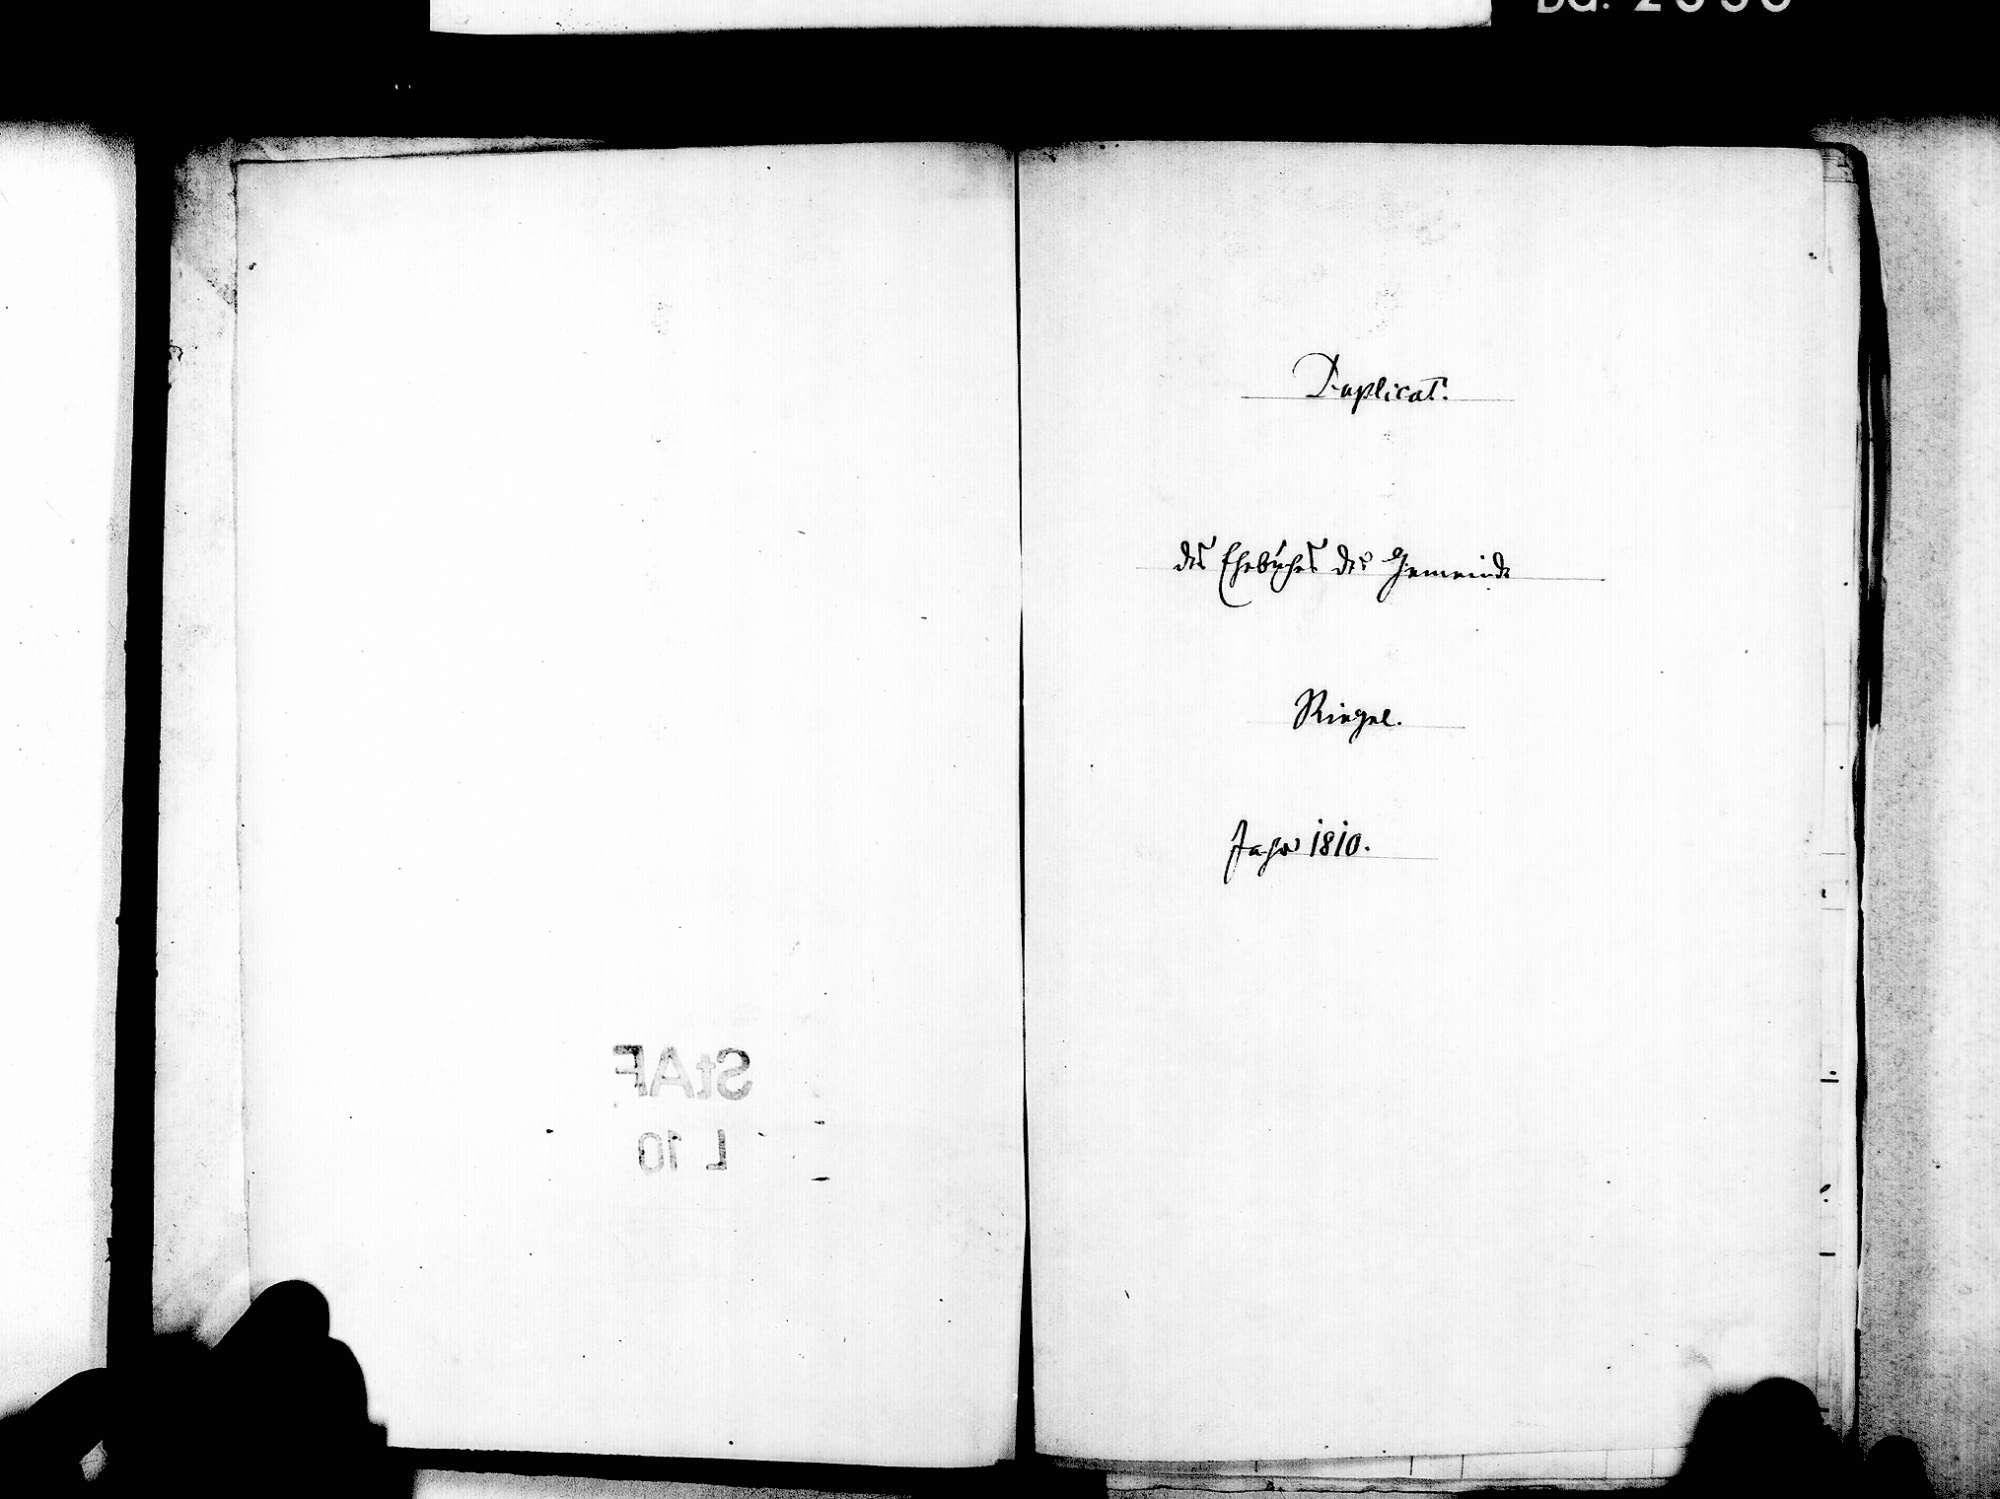 Riegel EM; Evangelische Gemeinde: Heiratsbuch 1810-1869 Riegel EM; Katholische Gemeinde: Heiratsbuch 1810-1869, Bild 3